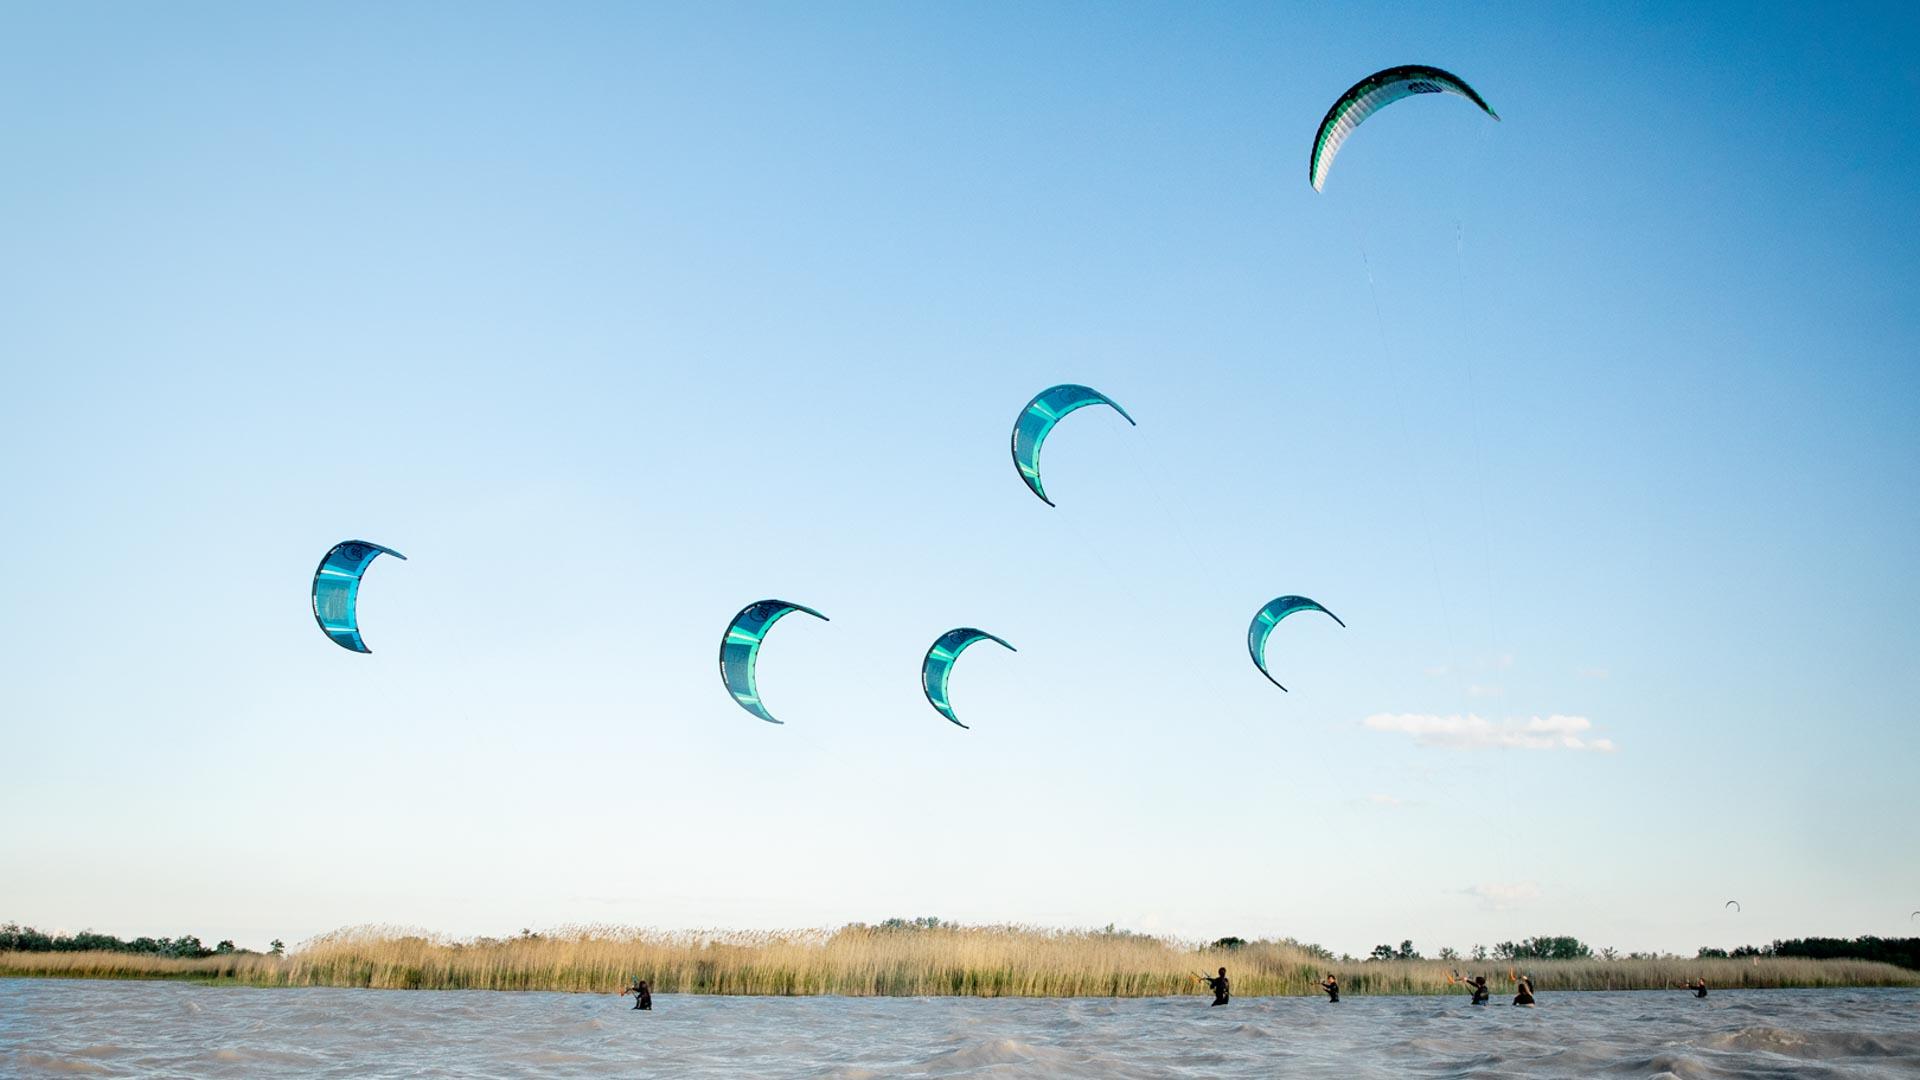 Sechs Kitesurfer stehen mit Kites in der Luft vor einer Schilfinsel